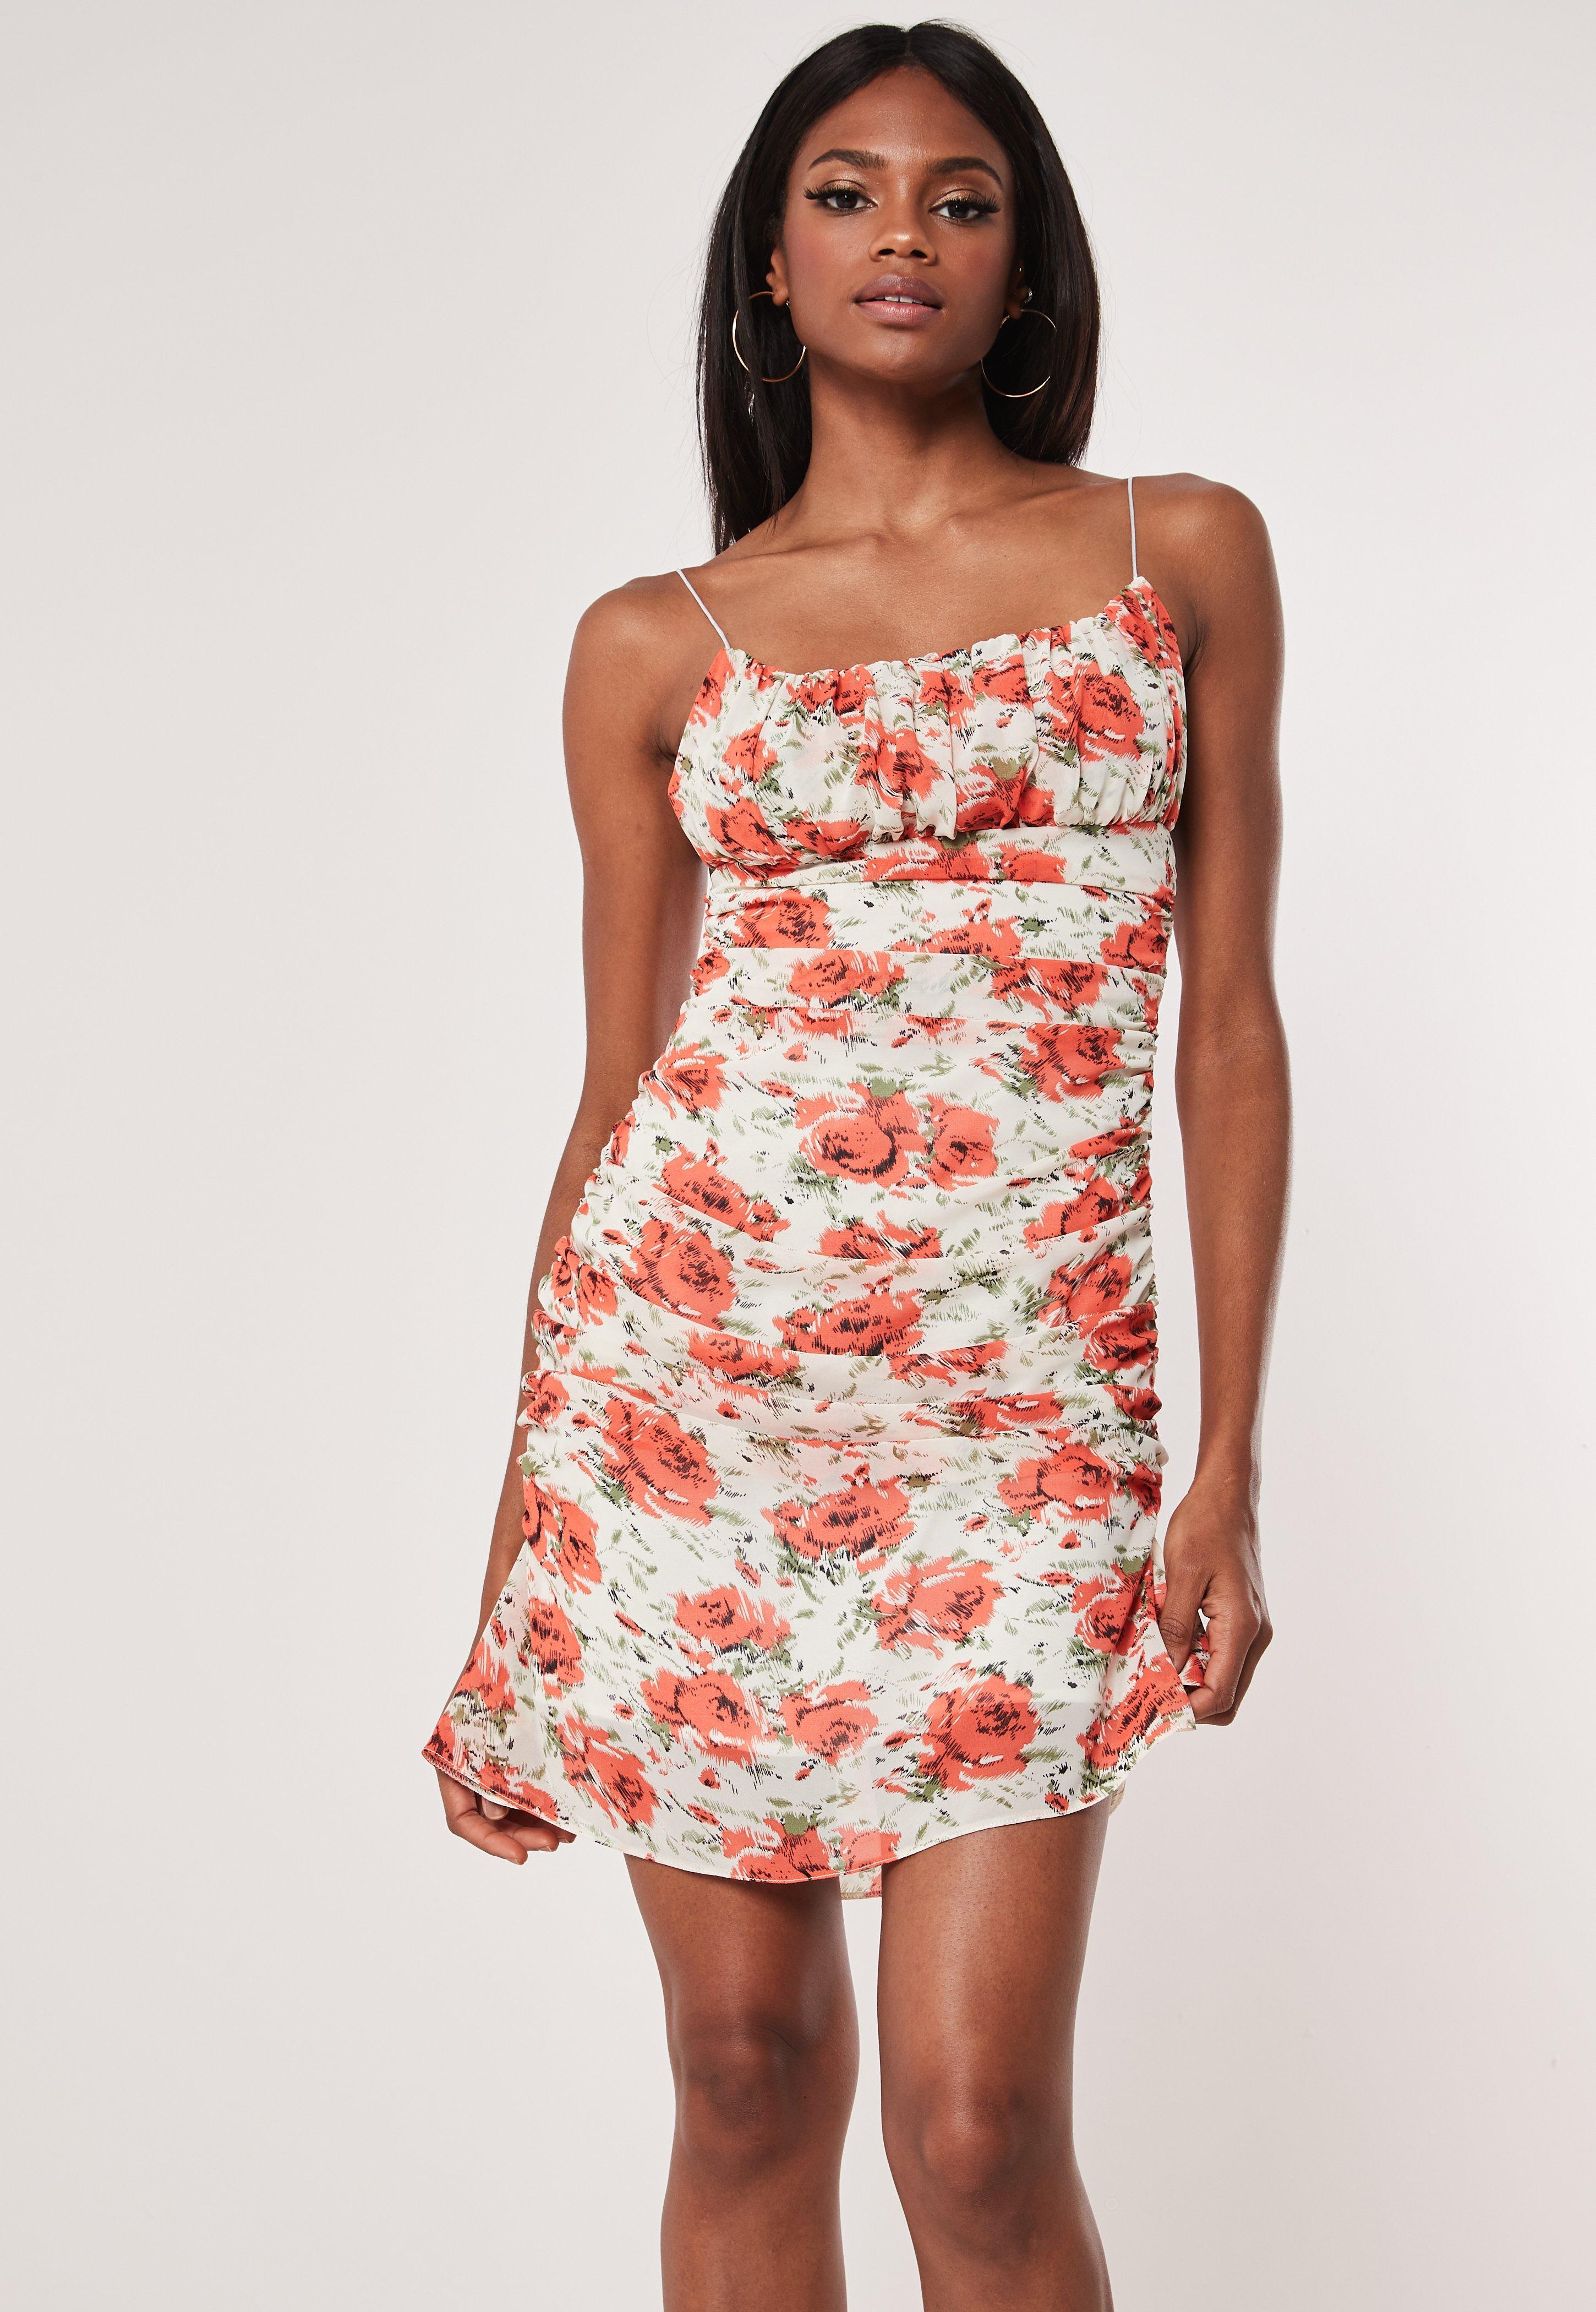 c691d9794e49e Clothes Sale - Women's Cheap Clothes UK - Missguided